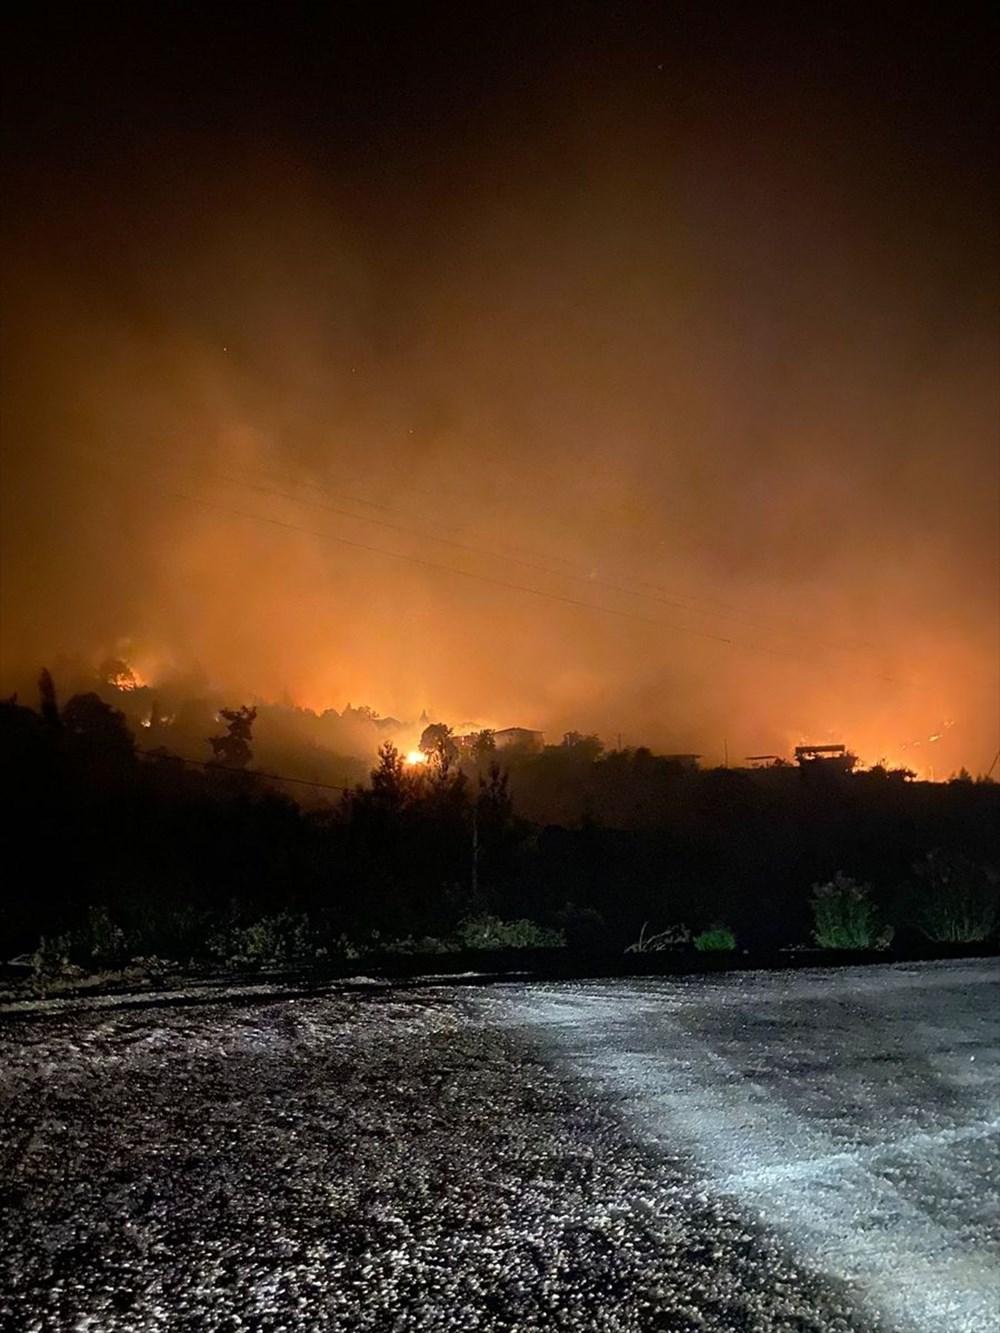 Antalya, Adana, Mersin, Aydın, Muğla, Osmaniye, Kayseri ve Manisa'da orman yangınları - 46